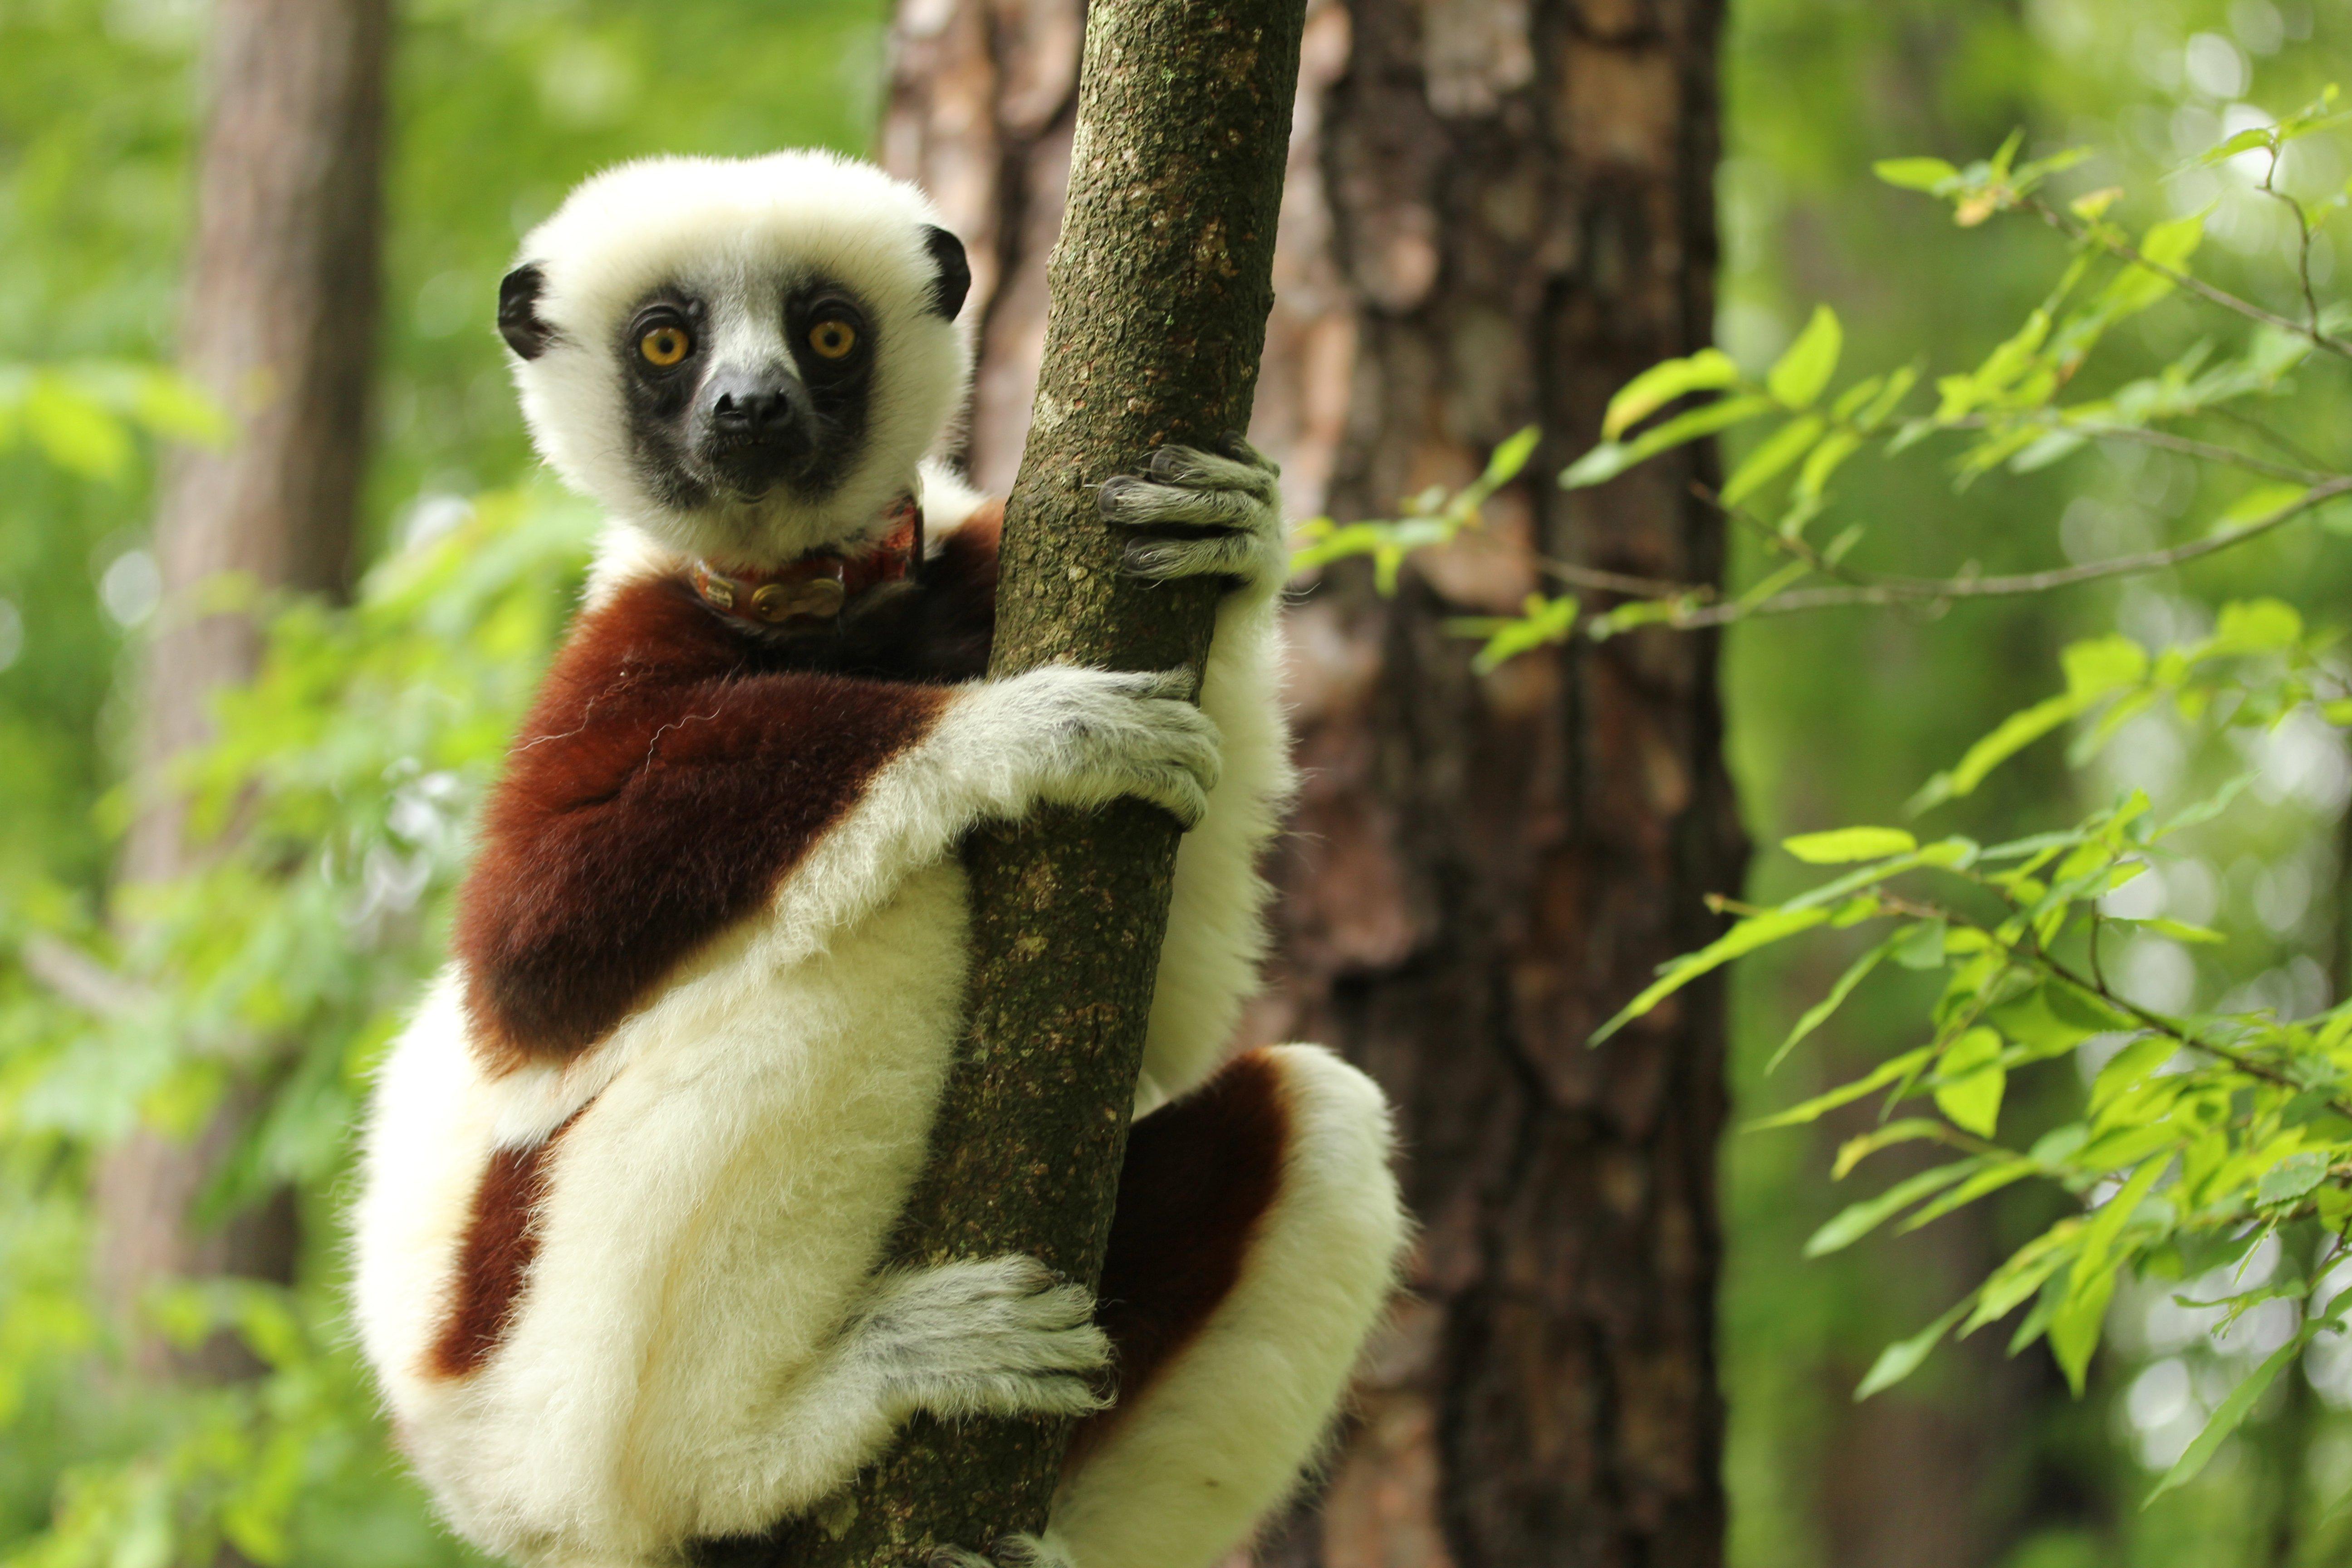 Simple Lemur Wallpaper - 4afe035bc0c835c504db8e9a2c5530e2  Pictures_768411.jpg